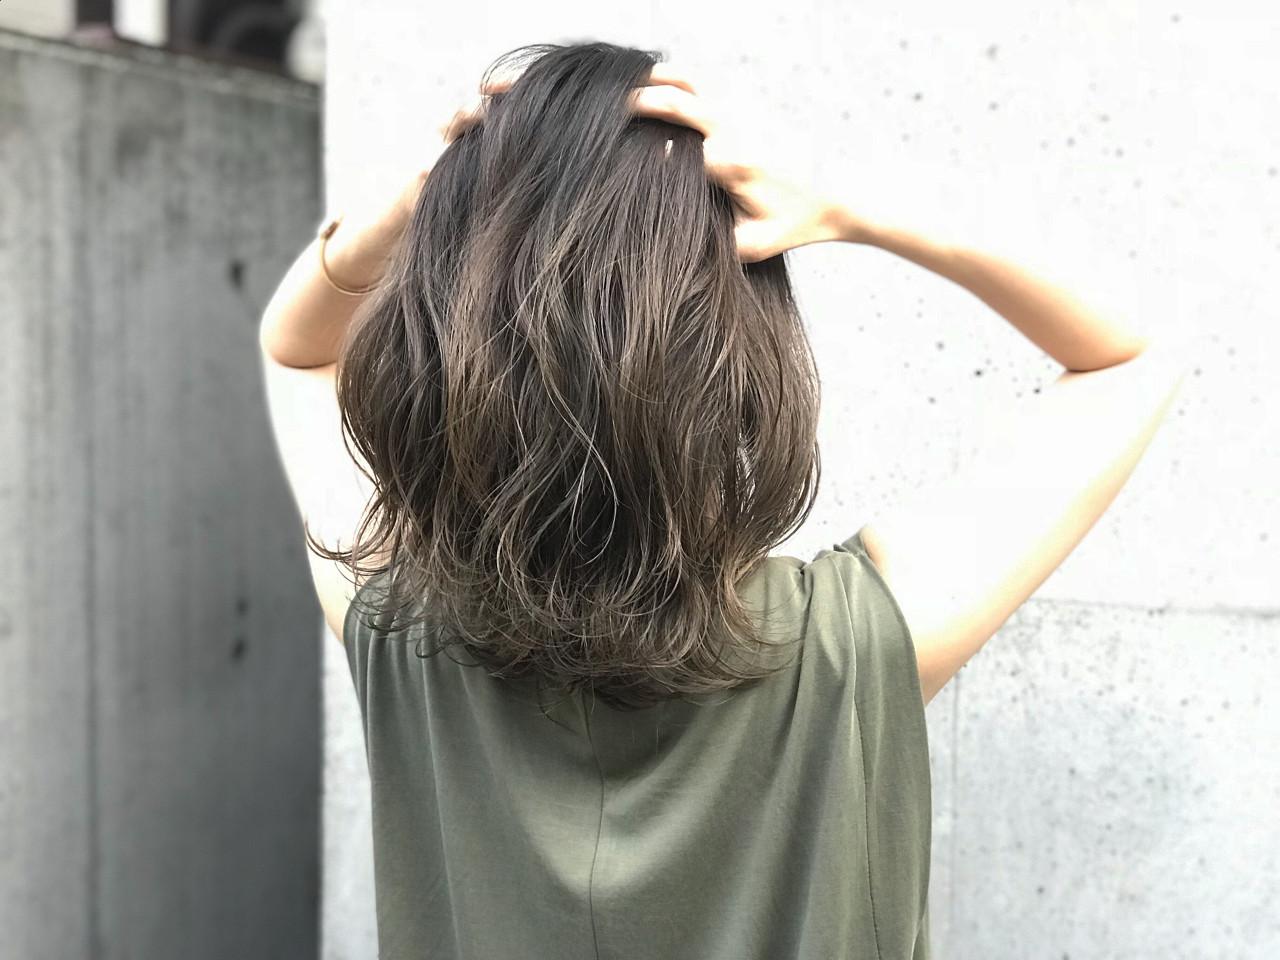 ハイライト ミディアム ナチュラル グラデーションカラー ヘアスタイルや髪型の写真・画像